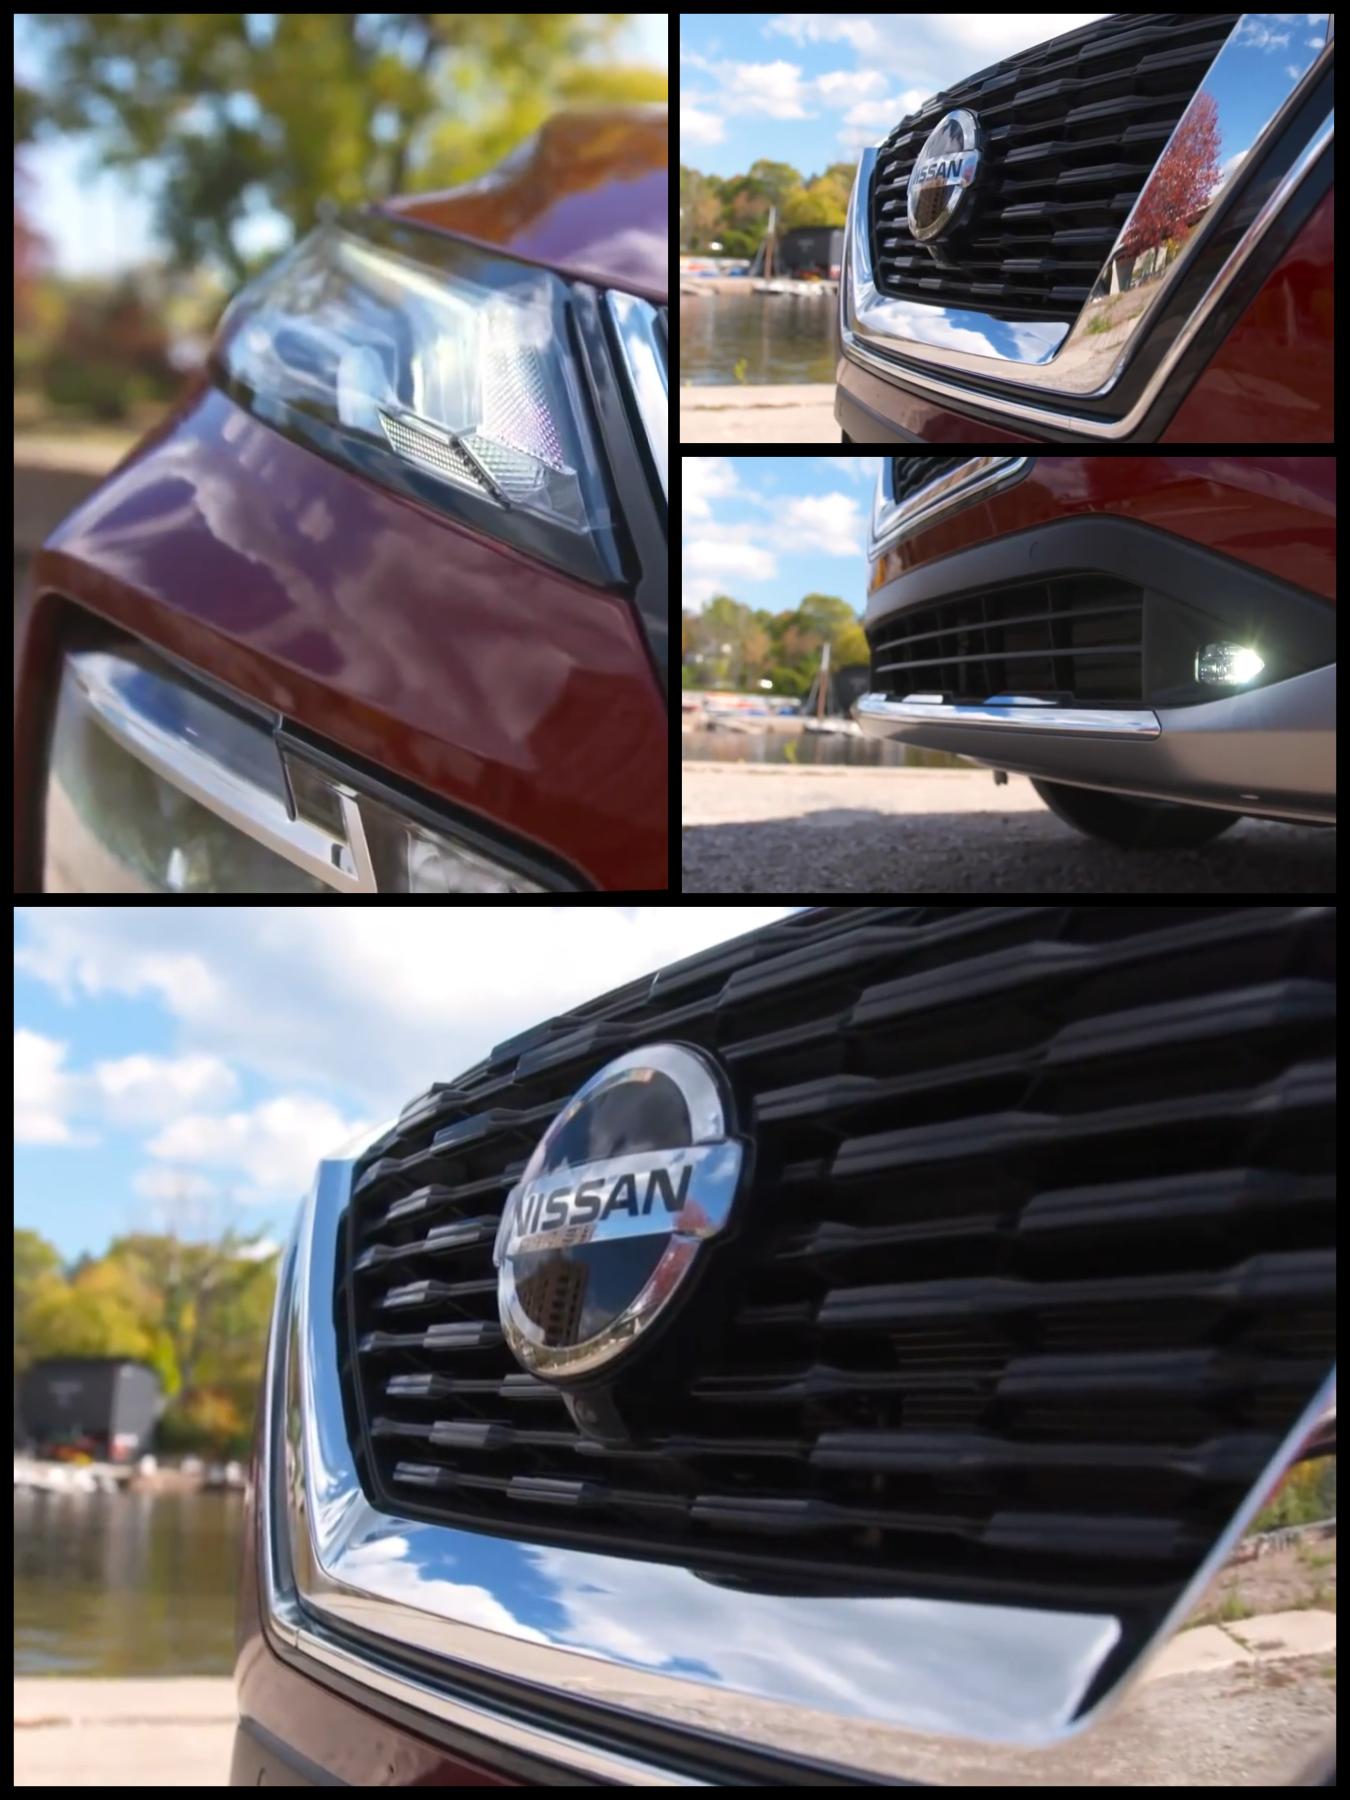 日産新型エクストレイル(北米仕様)Nissan XTRAIL 2022